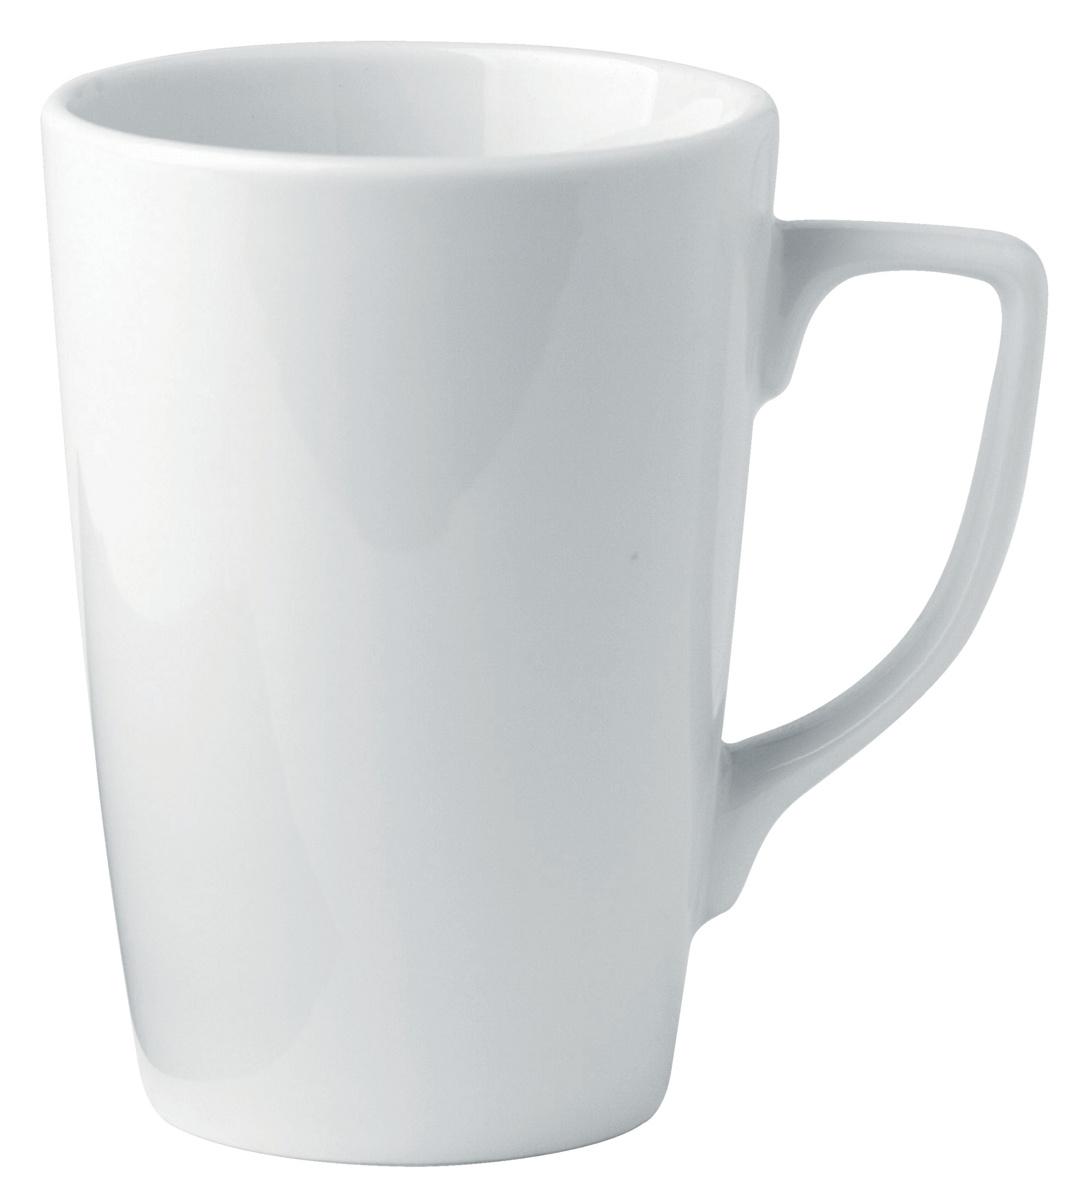 Mug rond blanc porcelaine 24 cl Ø 7,80 cm Ameryka